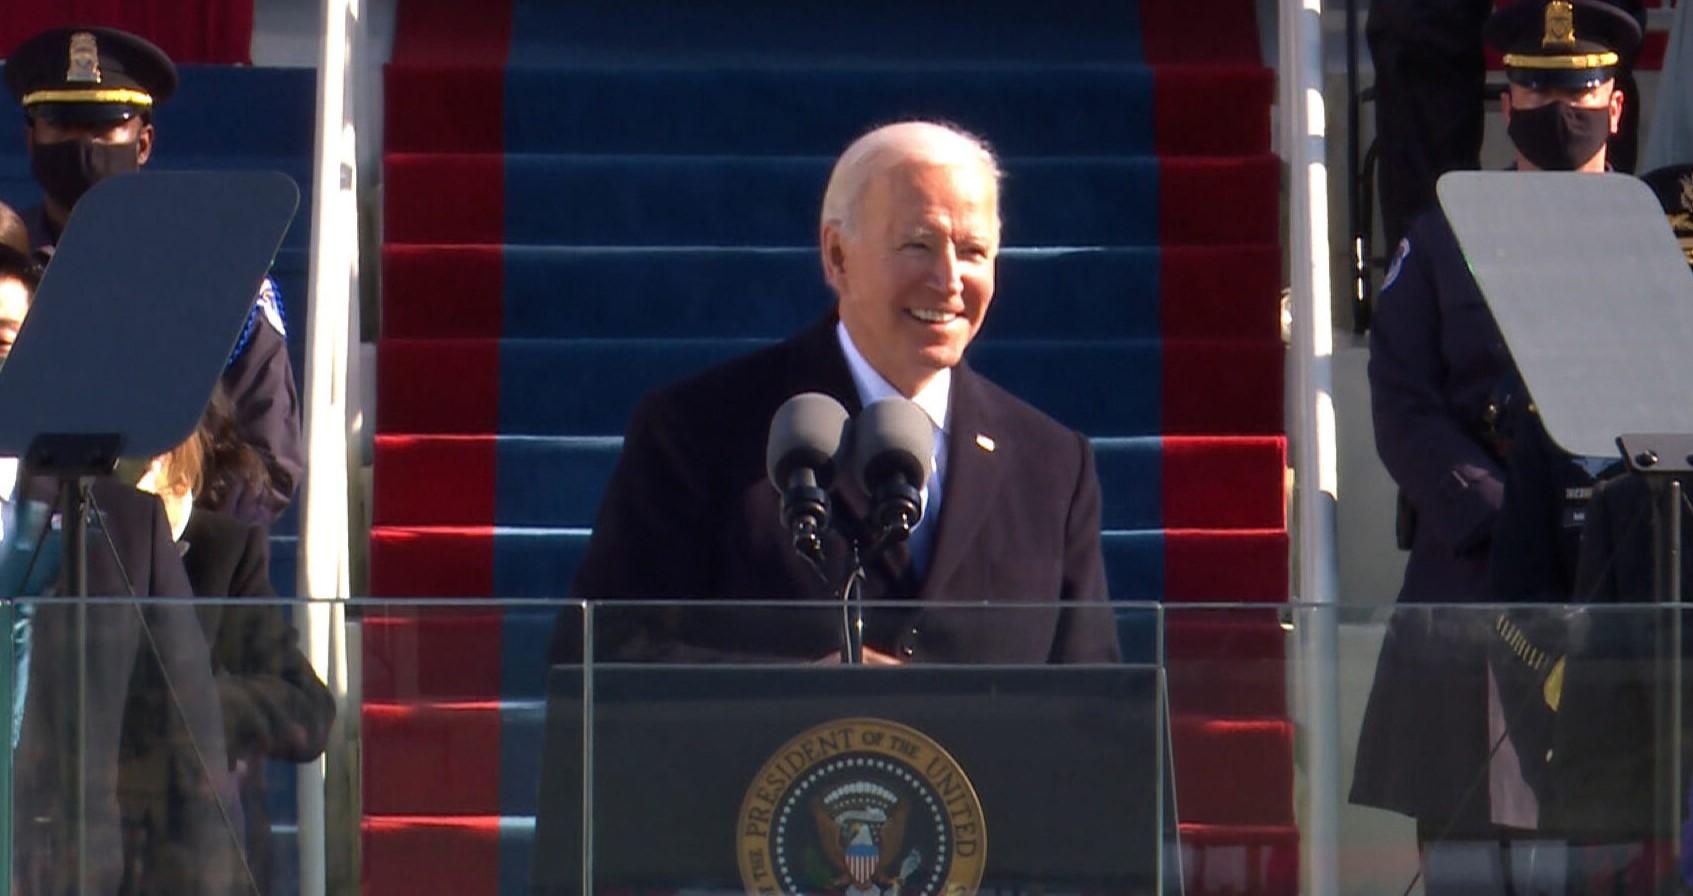 अमेरिकी राष्ट्रपति के रूप में शपथ लेते जो बाइडन